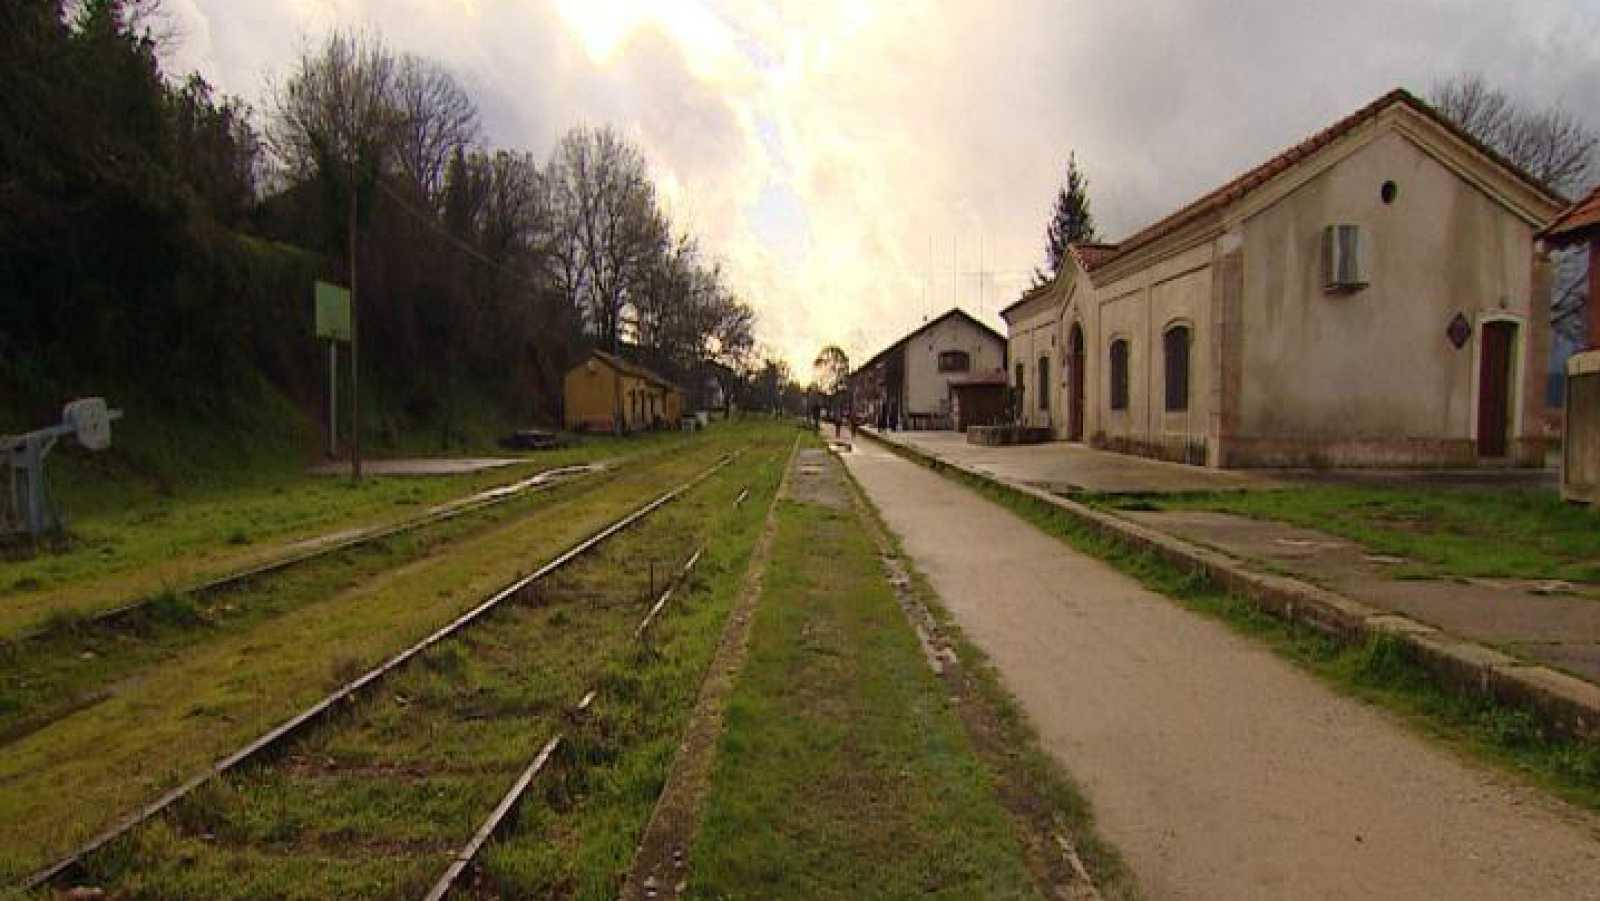 Estación de tren de Hervás, en Cáceres, convertida ahora en Centro de Interpretación del Ferrocarril